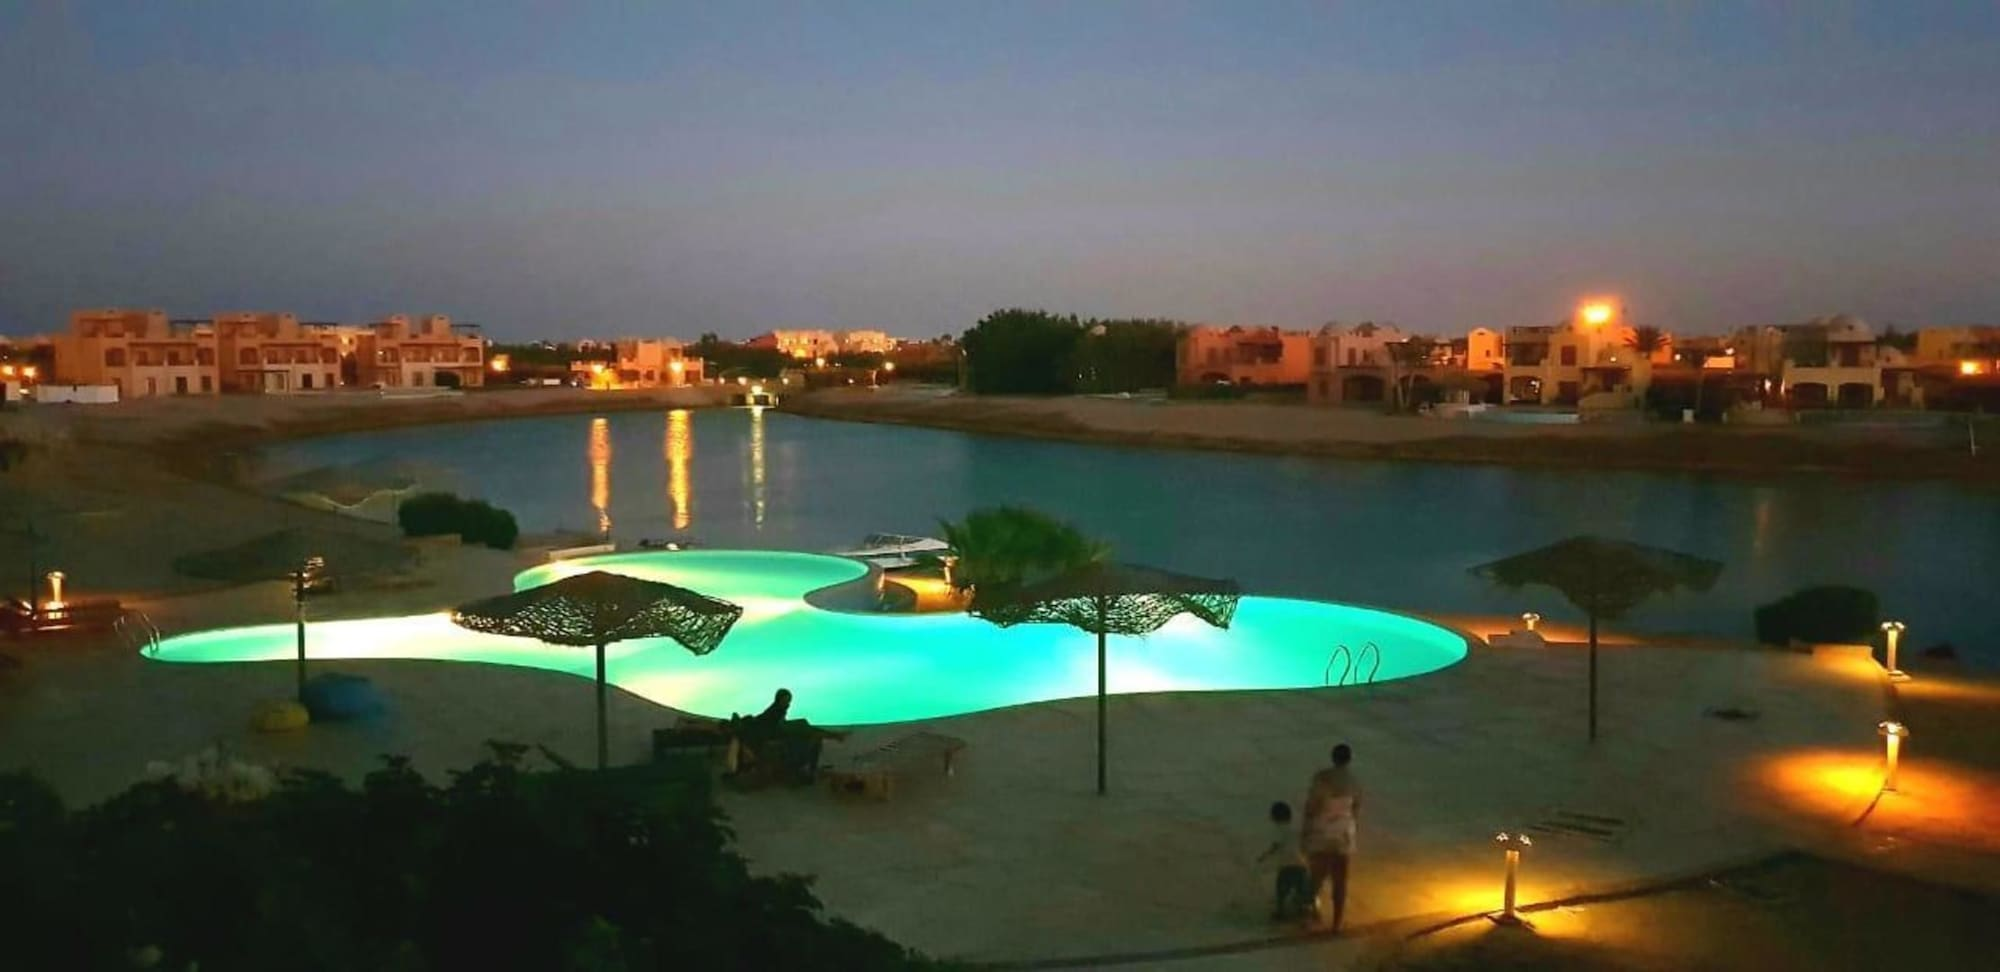 Sabina Apartment El Gouna Y160, Al-Ghurdaqah 2